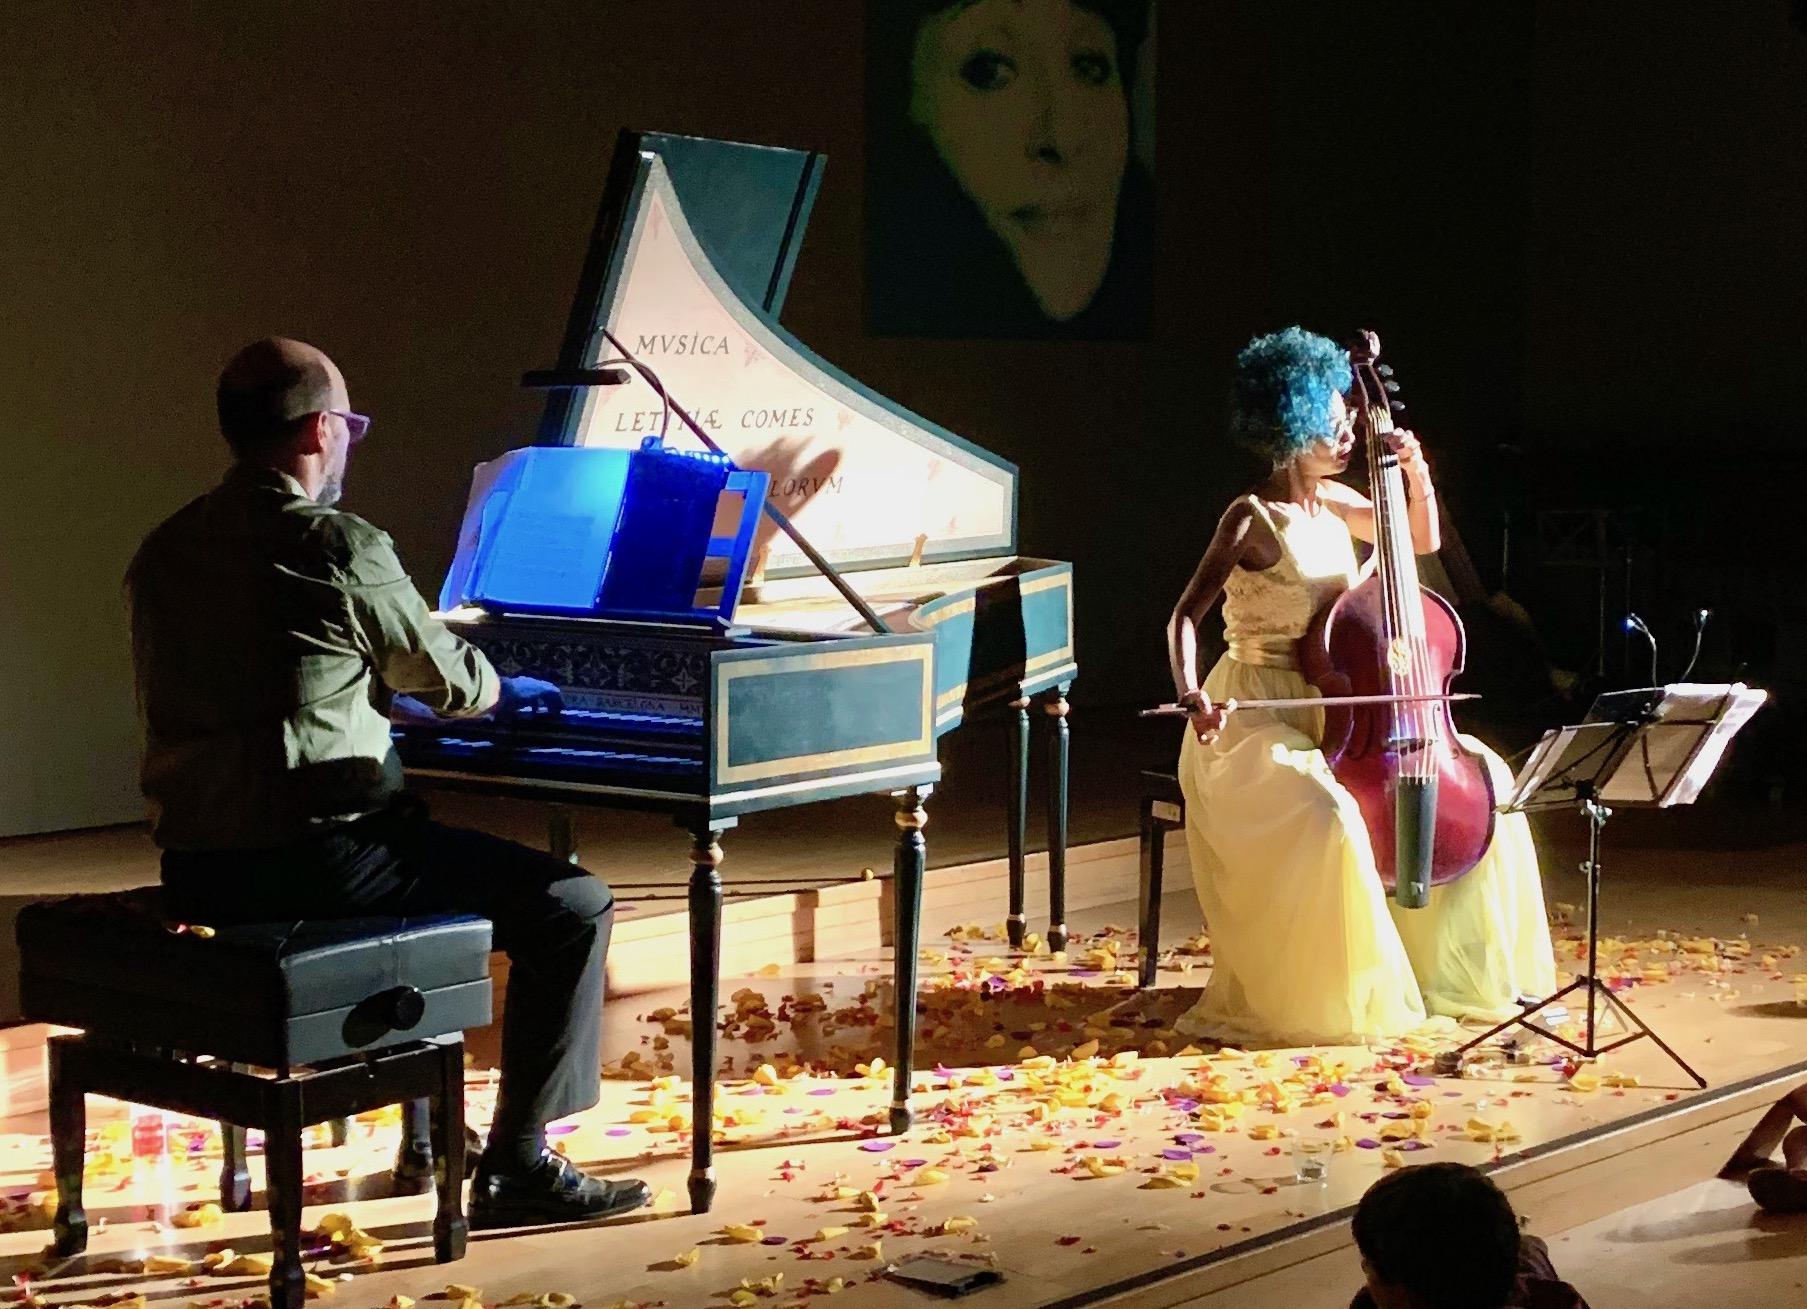 Éxito Rotundo Del Festival Contratemps En Sant Cugat